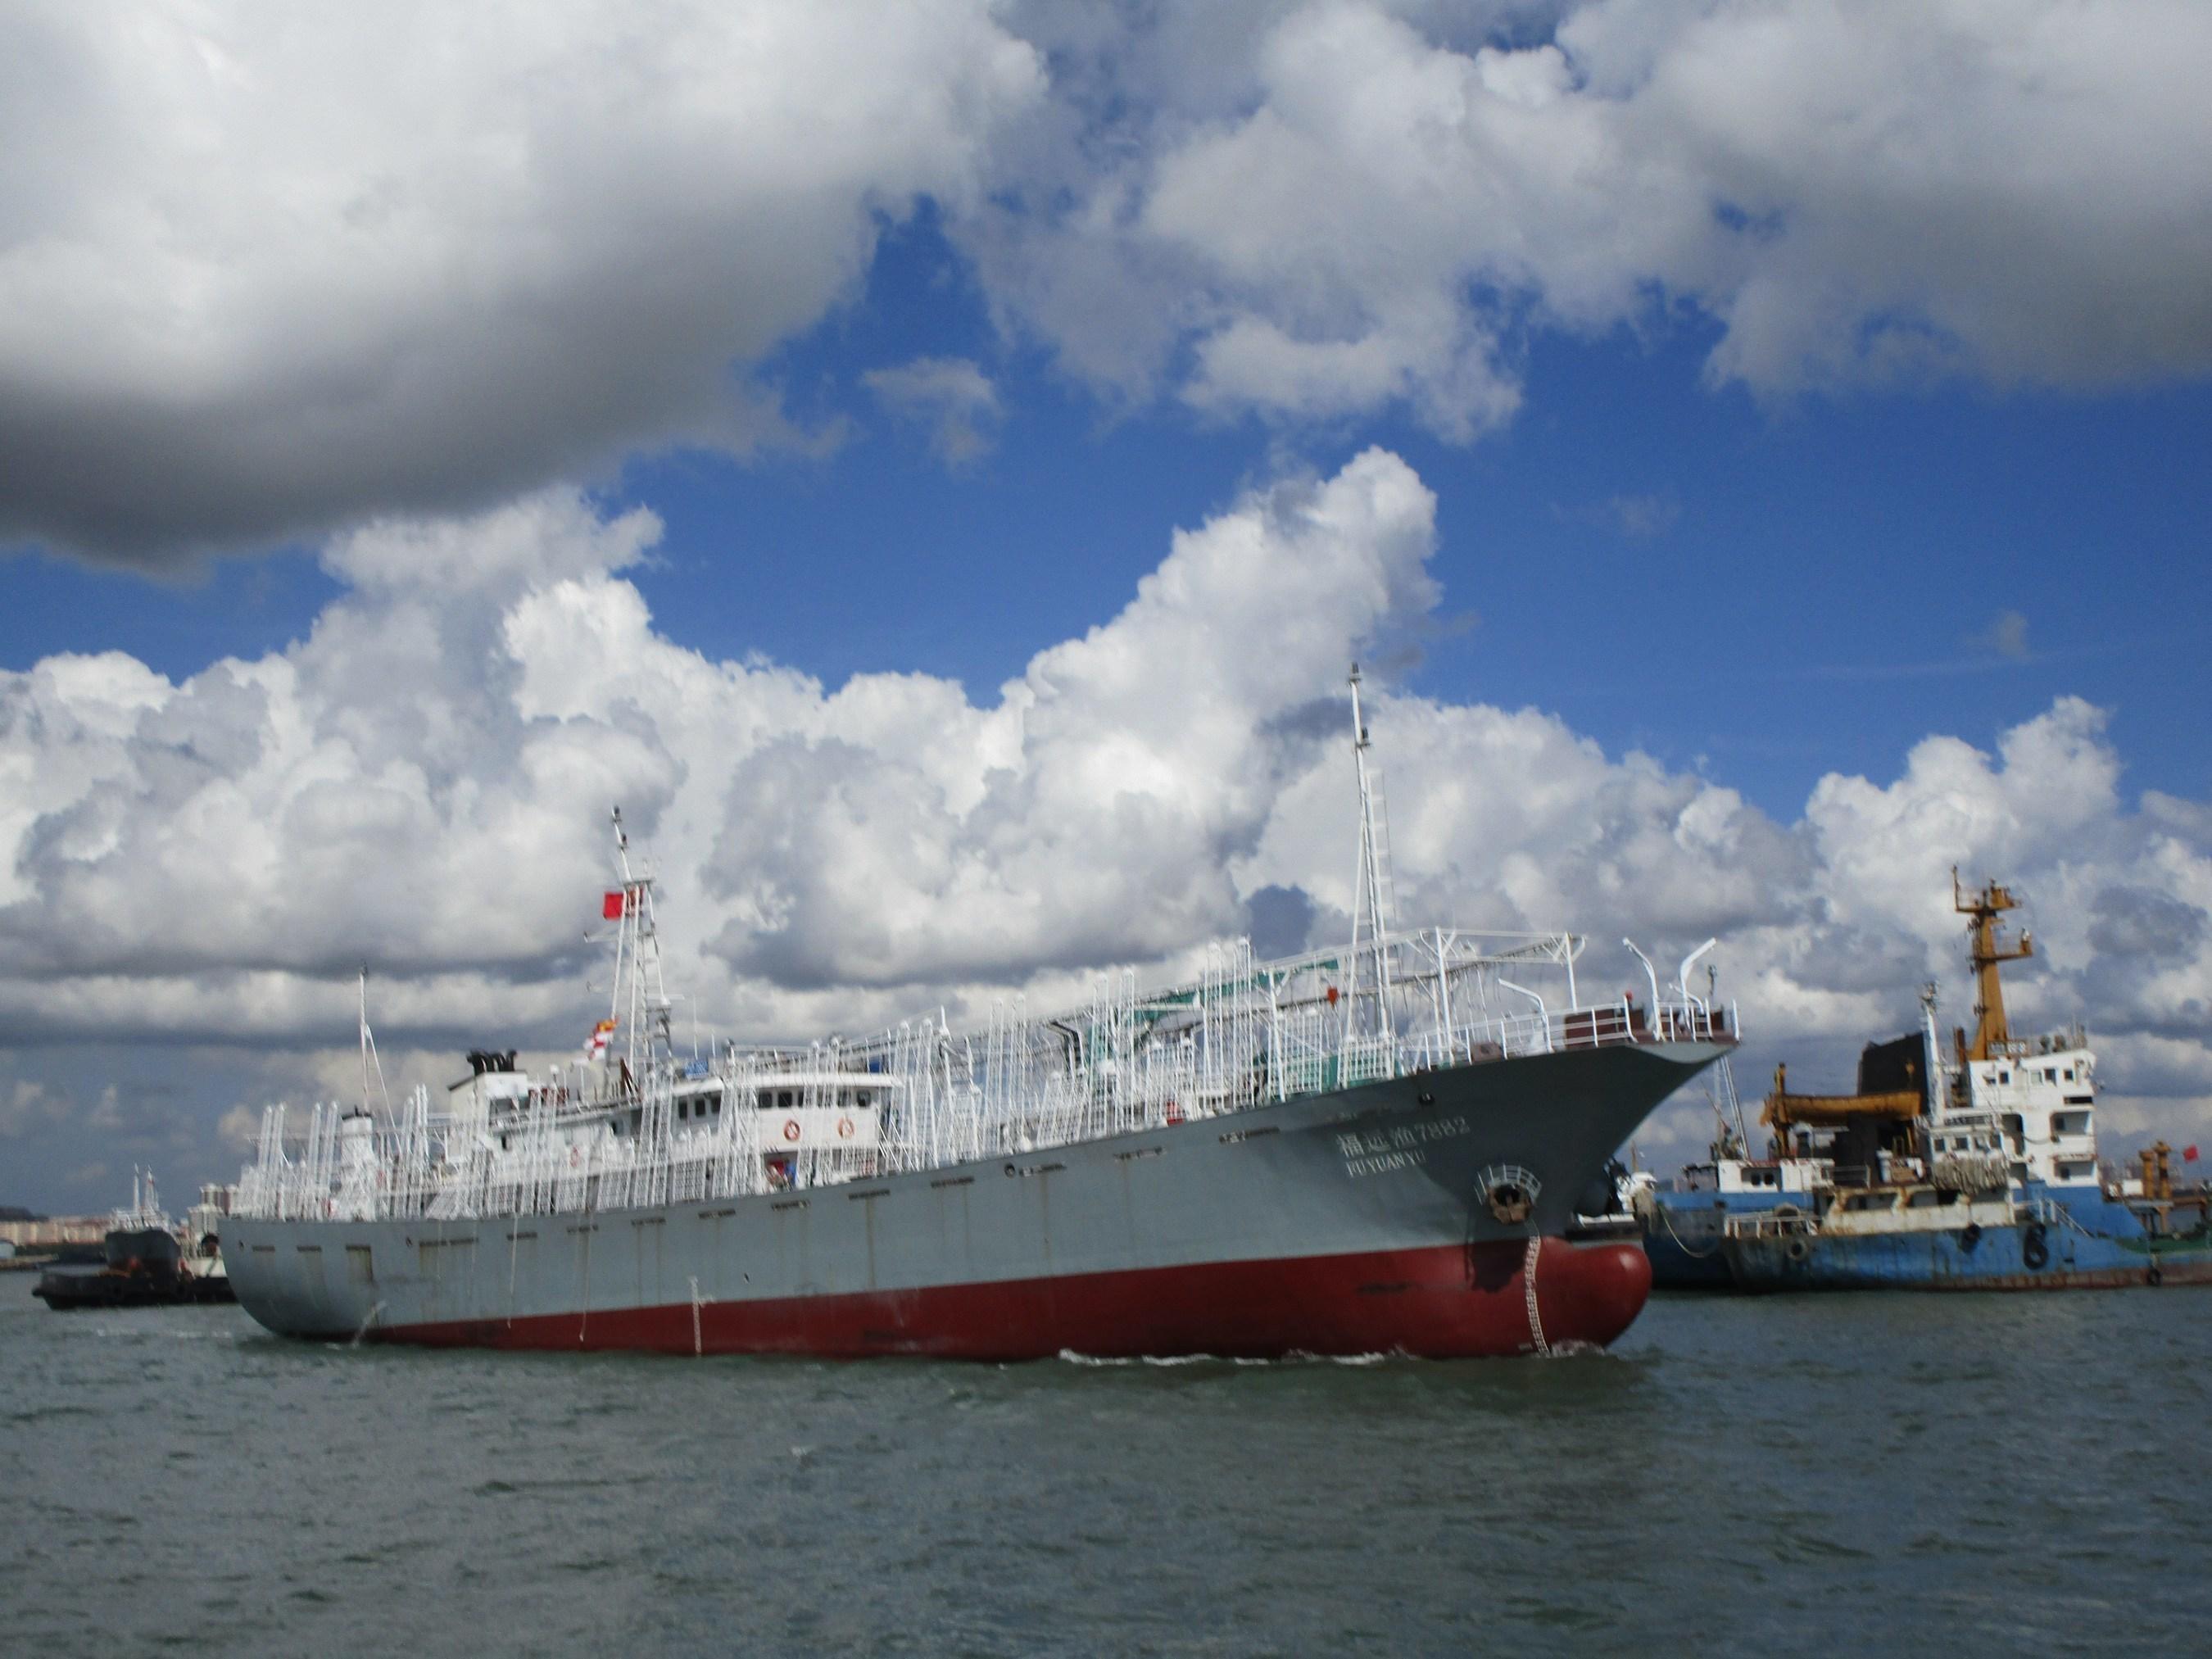 Pingtan's squid jigging vessel